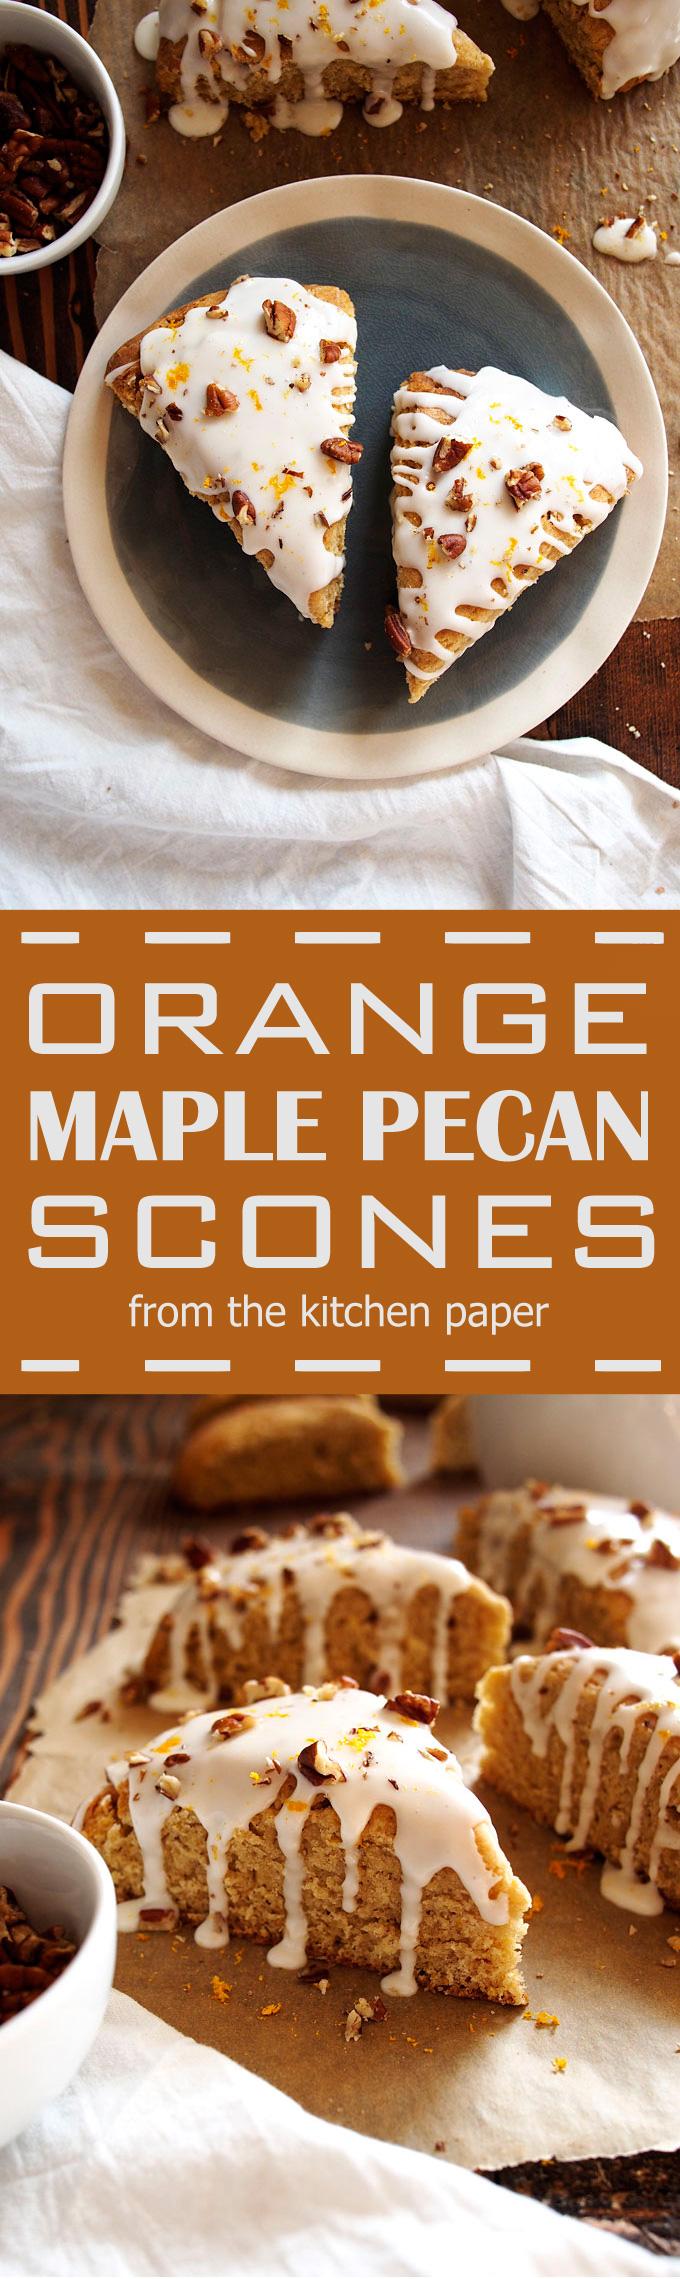 Orange Maple Pecan Scones Recipe – The Kitchen Paper